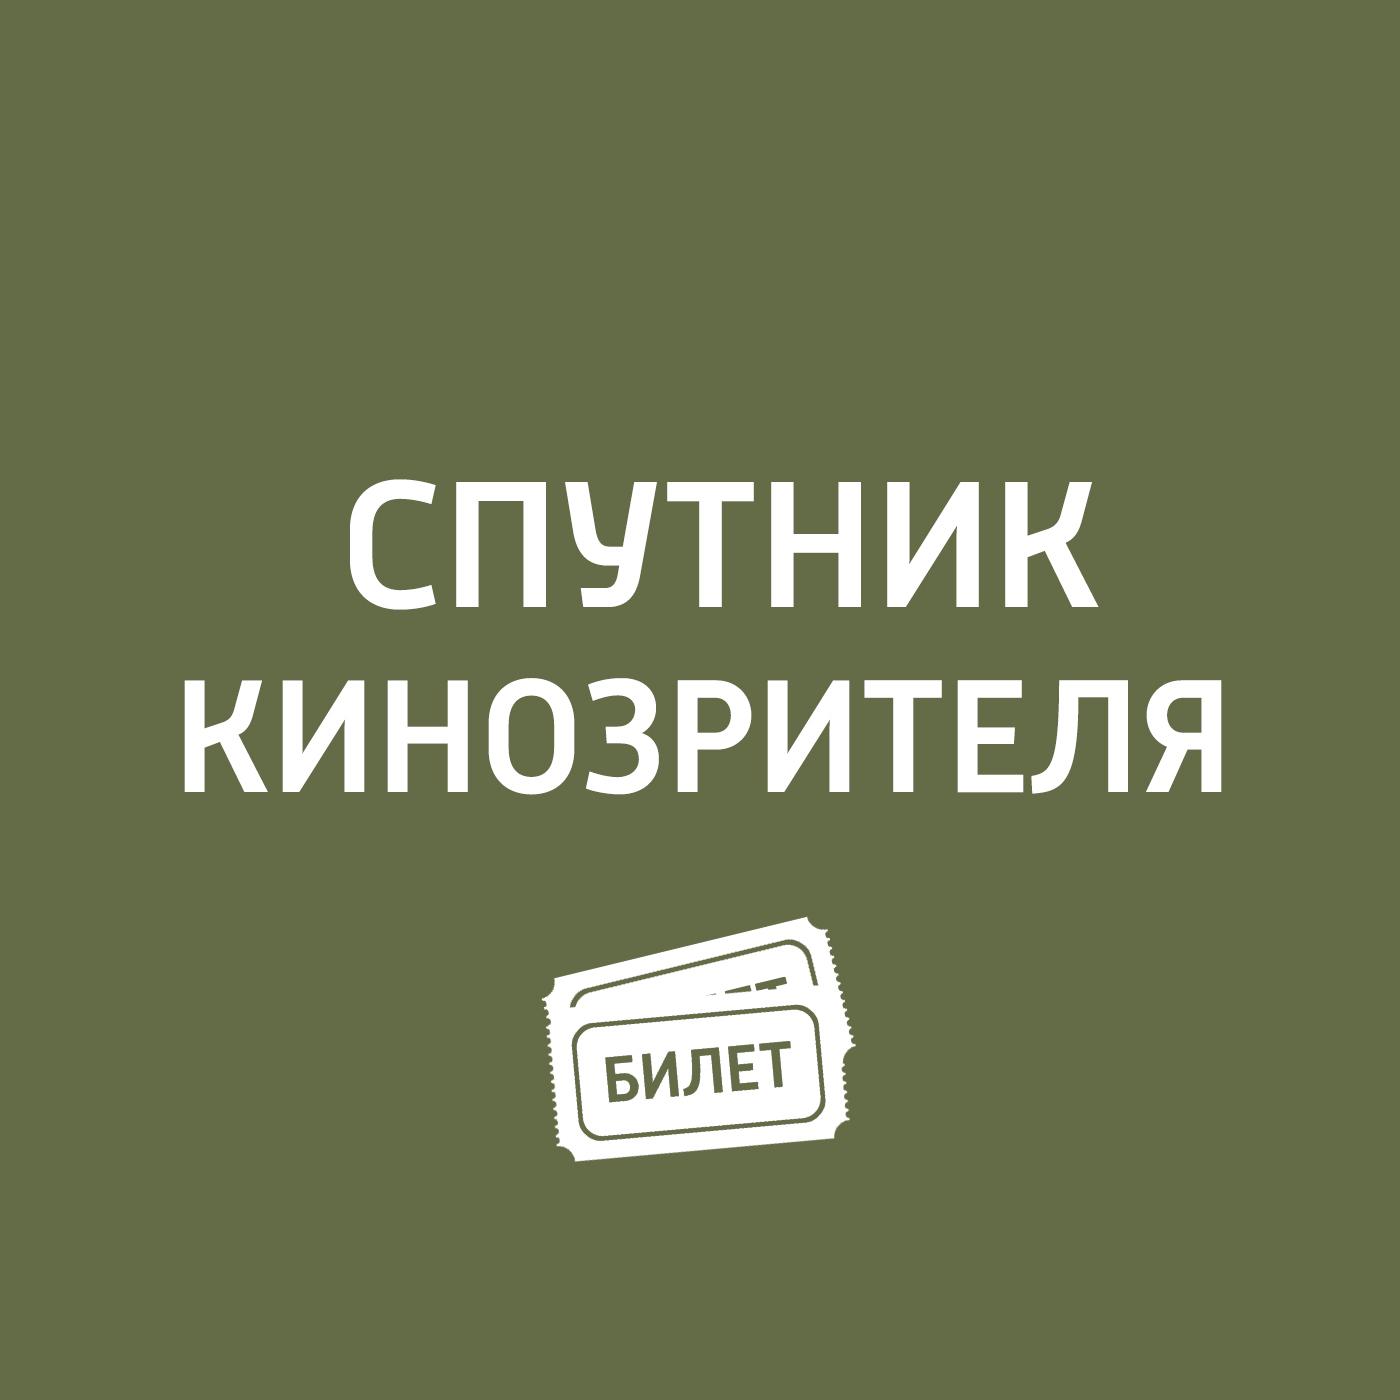 Антон Долин Киноновинки апреля: «Тренер», «Свинья», «Опасный бизнес», «Логово монстра» антон долин 39 й ммкф